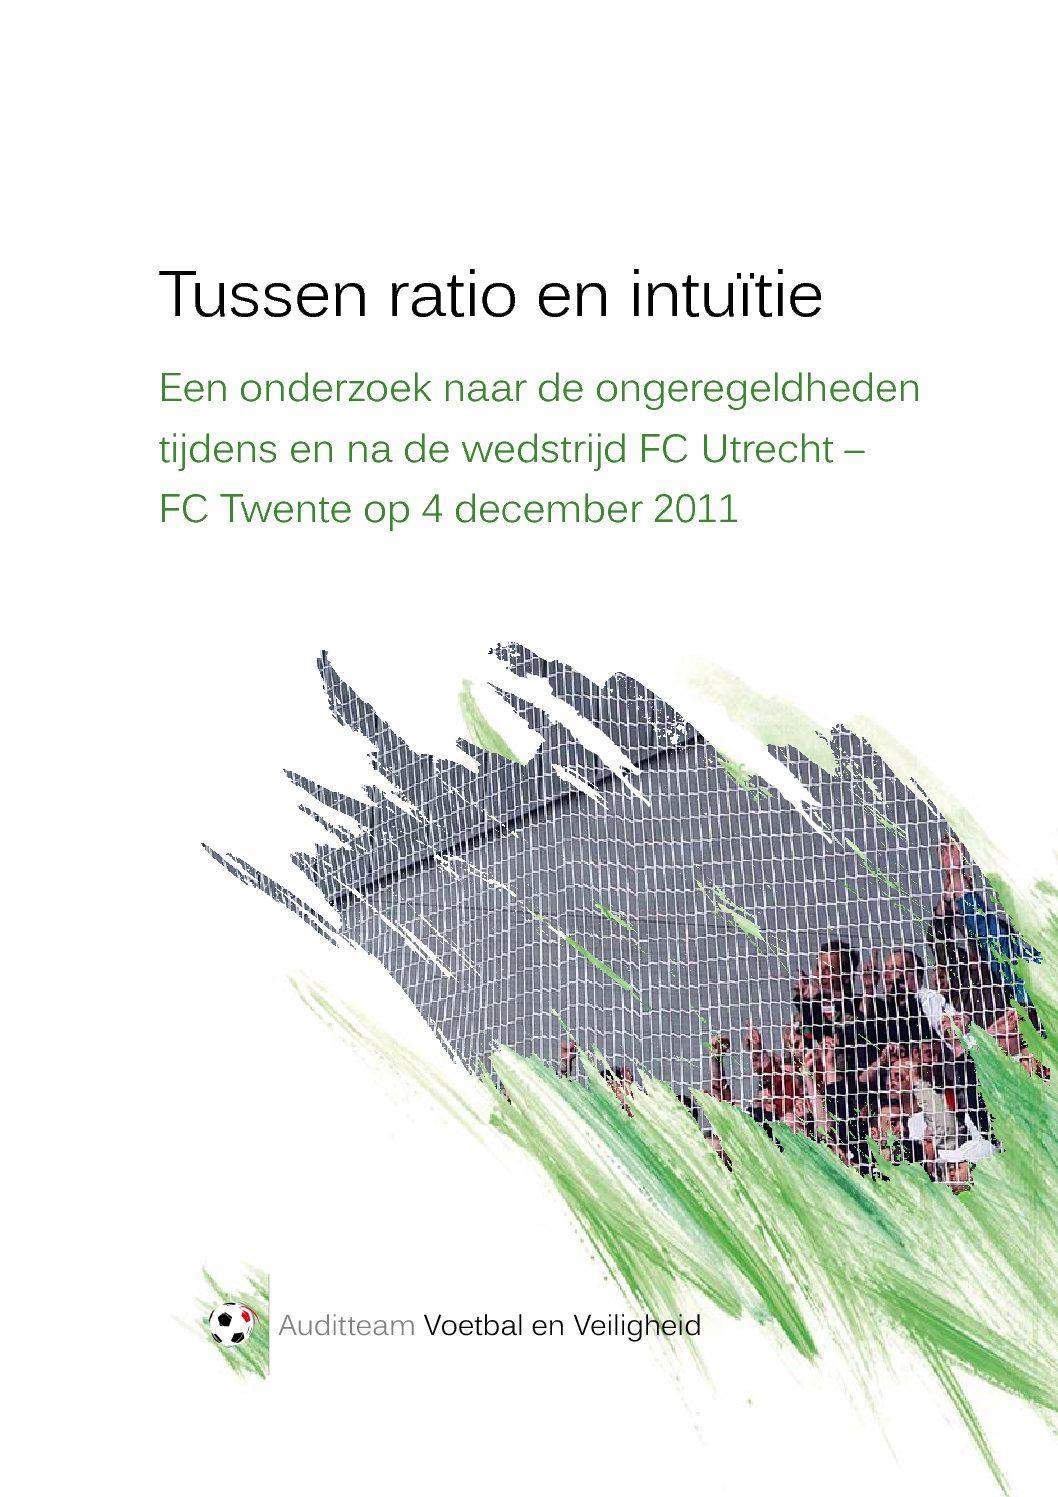 Tussen ratio en intuïtie: Een onderzoek naar de ongeregeldheden tijdens en na de wedstrijd FC Utrecht – FC Twente op 4 december 2011, 2012.